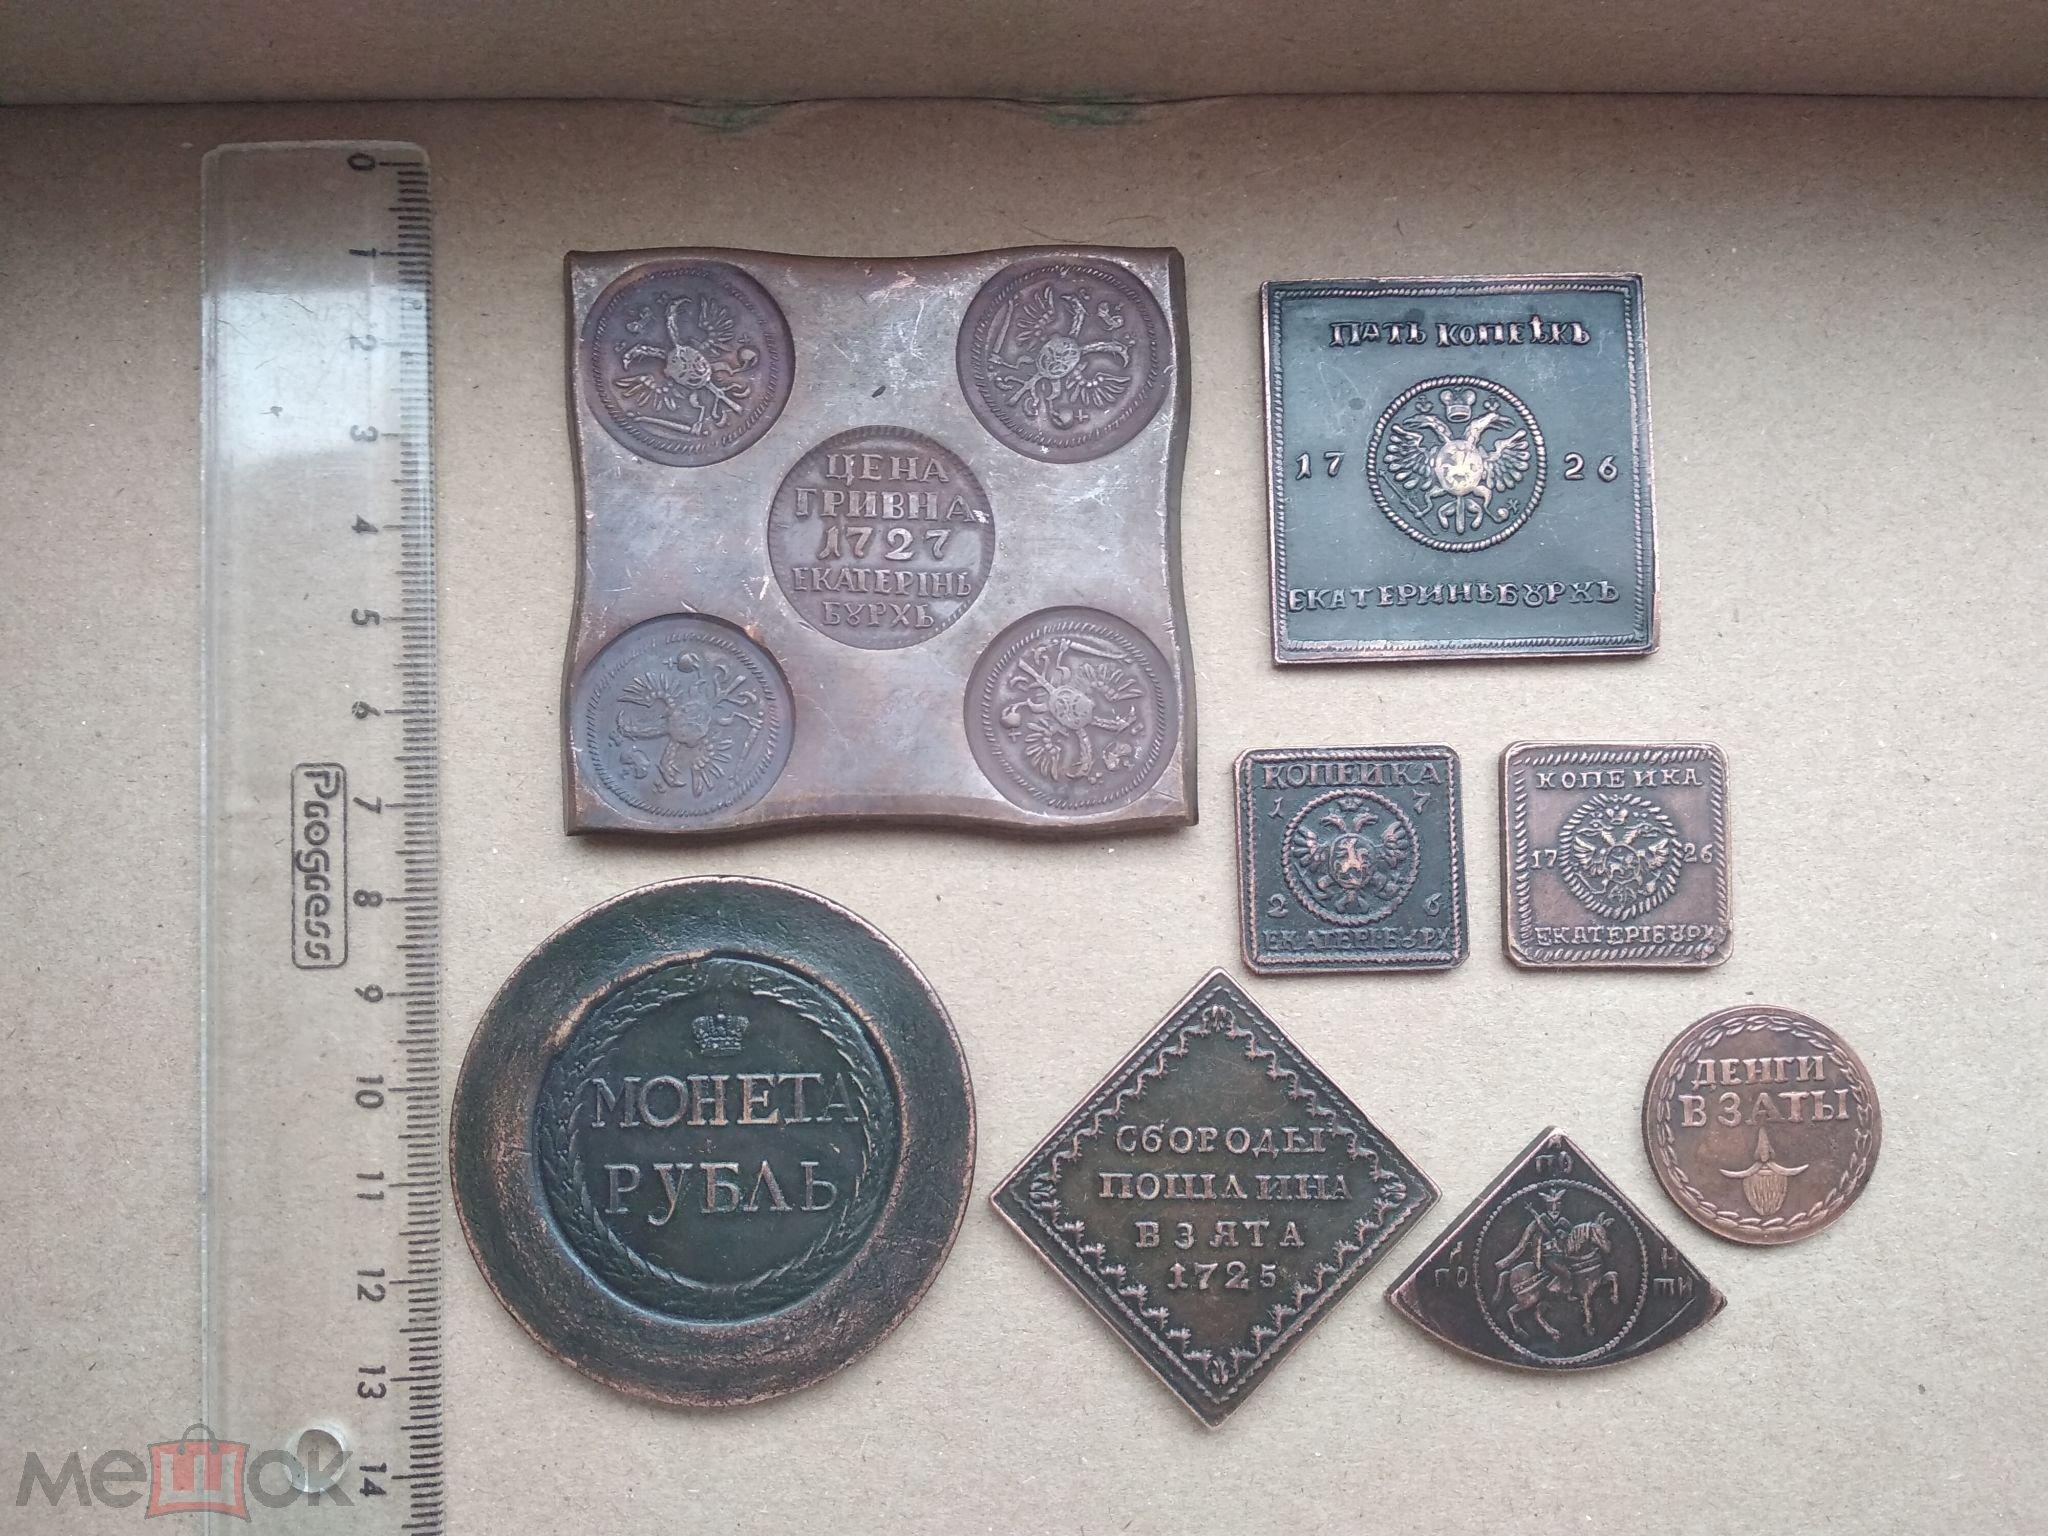 Редчайшая царская медь. Крупные монеты. Набор из 8 монет.